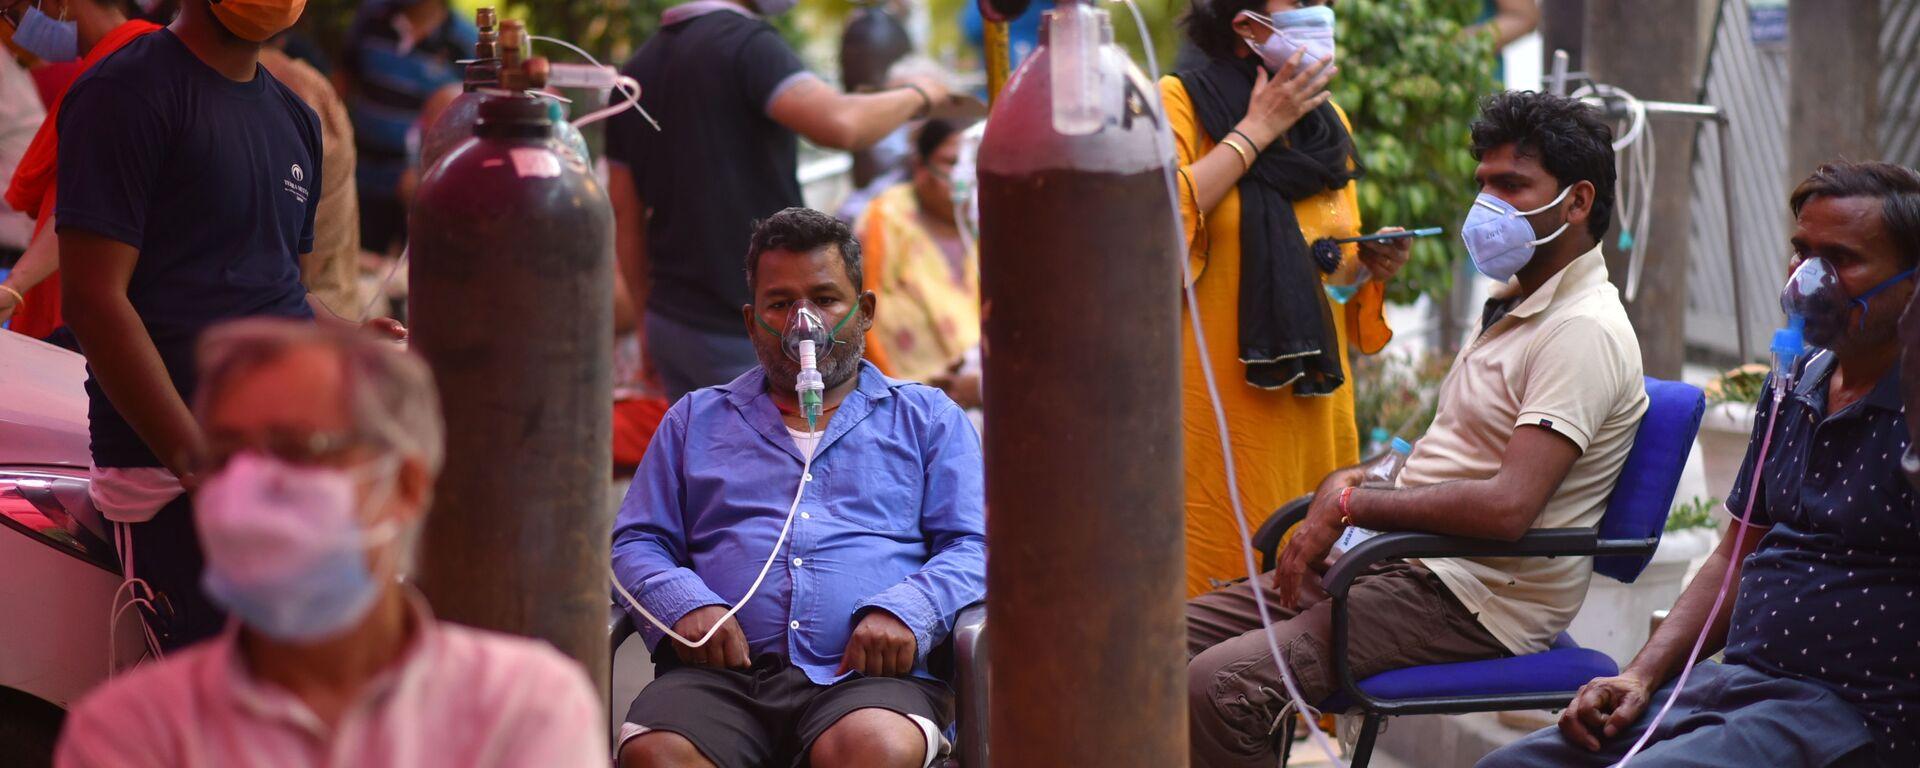 Những người gặp vấn đề về hô hấp được hỗ trợ oxy miễn phí tại Gurudwar ở Delhi - Sputnik Việt Nam, 1920, 03.05.2021